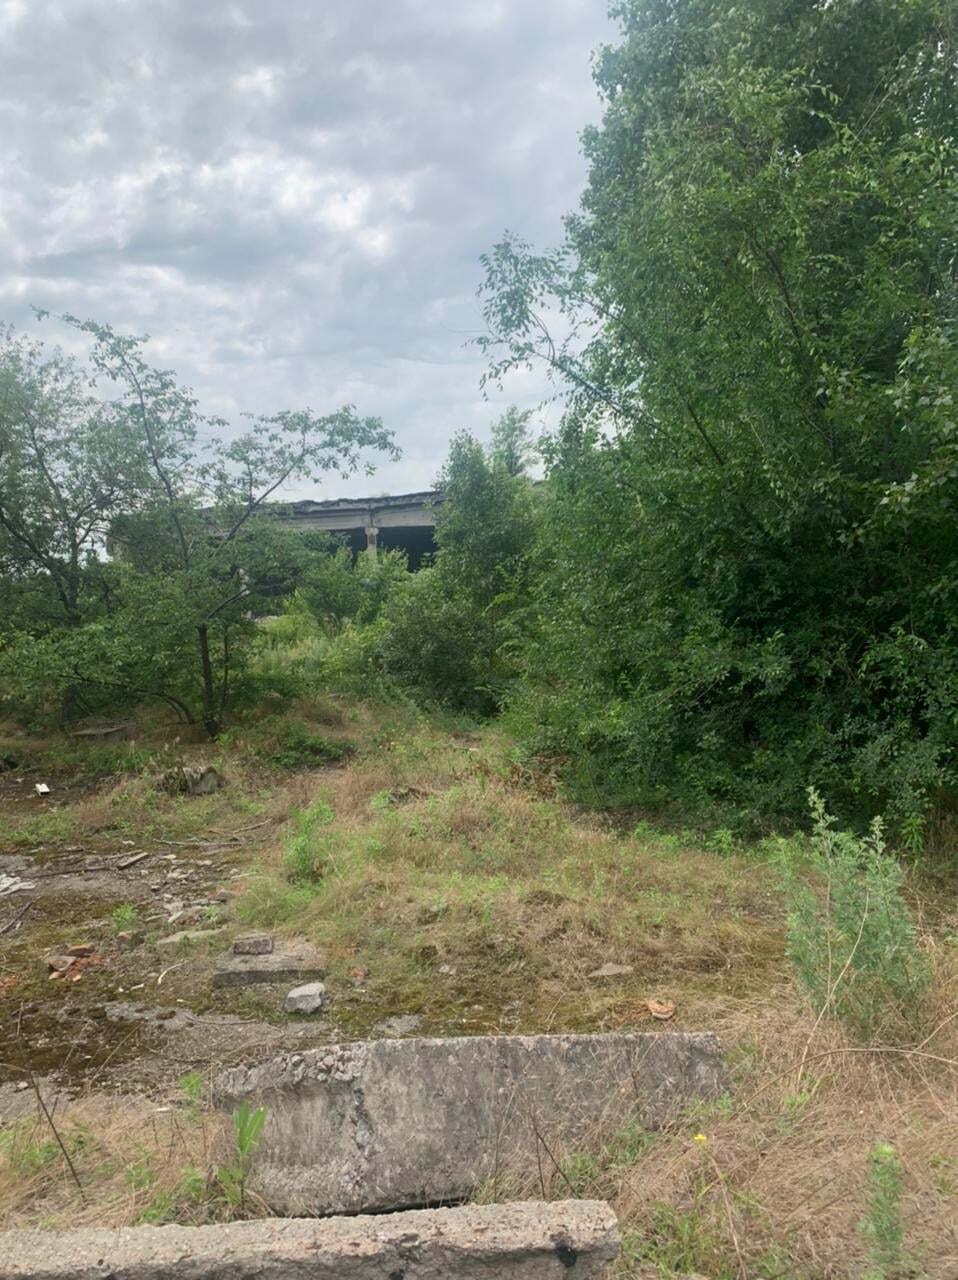 Місце, де було знайдено тіло дівчинки